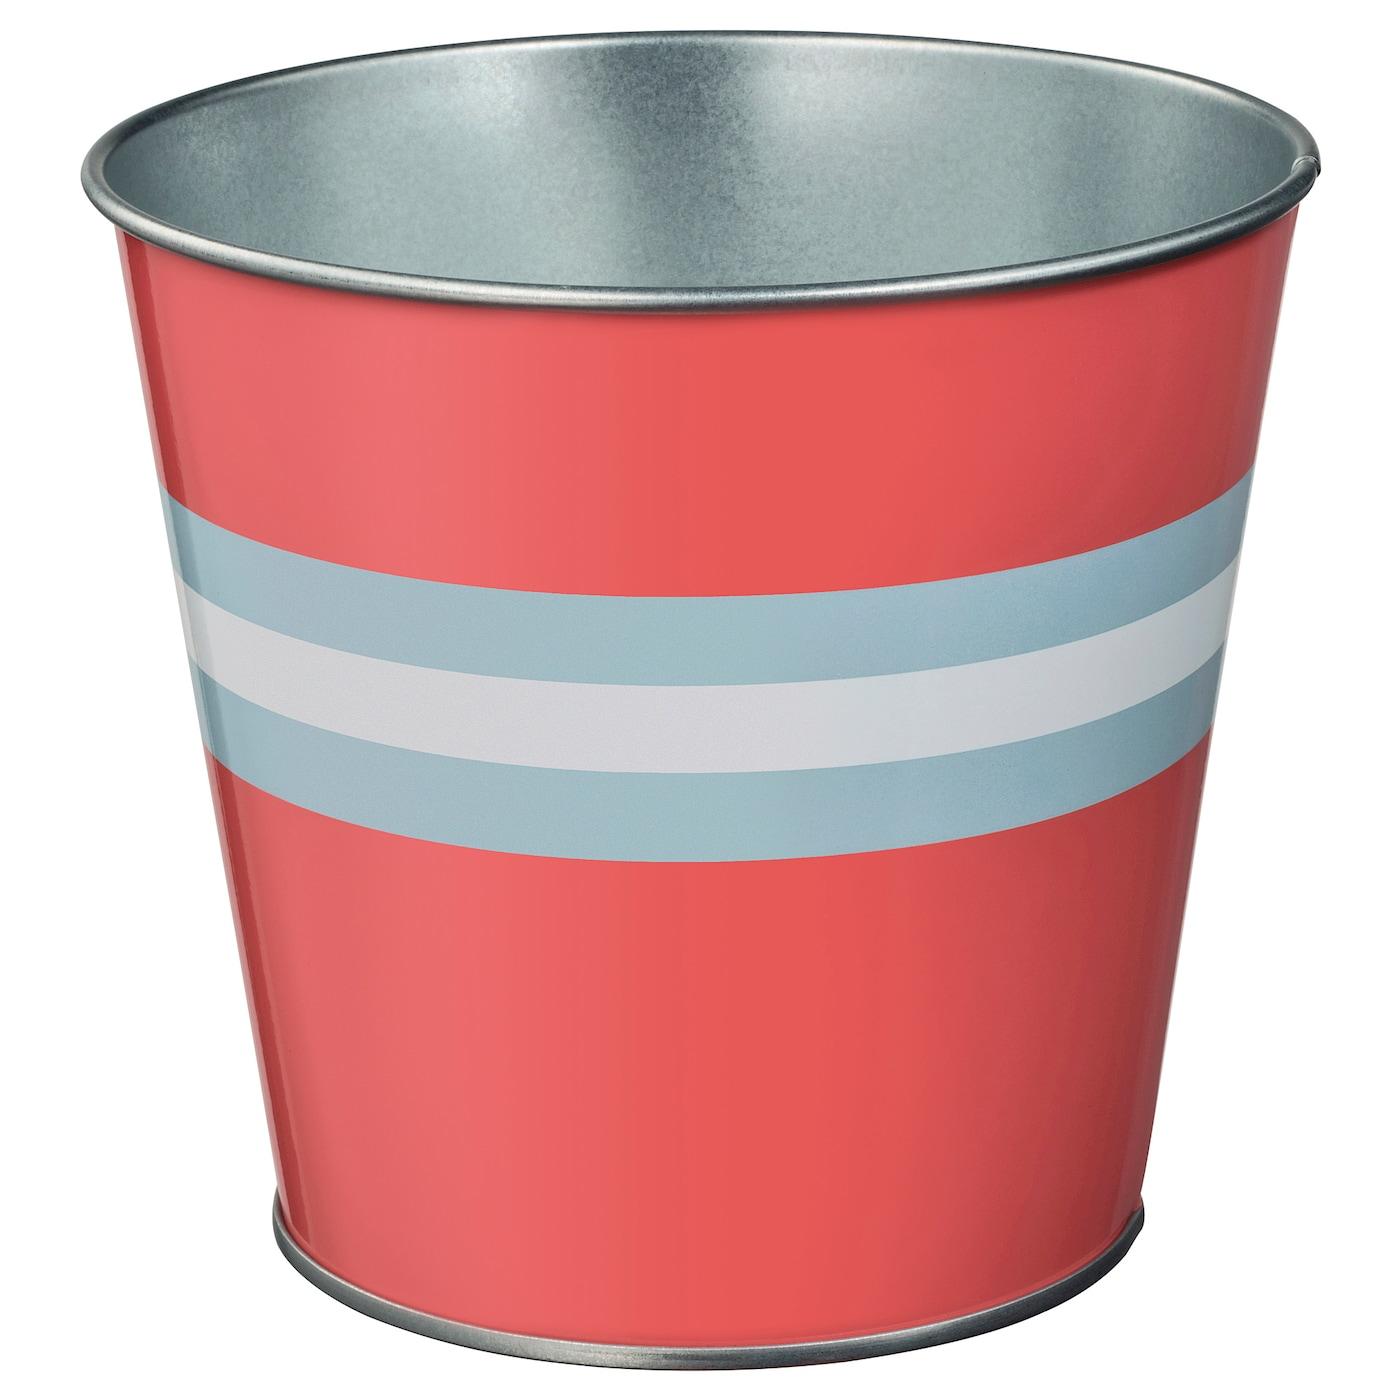 Kakiplommon Plant Pot Indoor Outdoor Red Pink Ikea